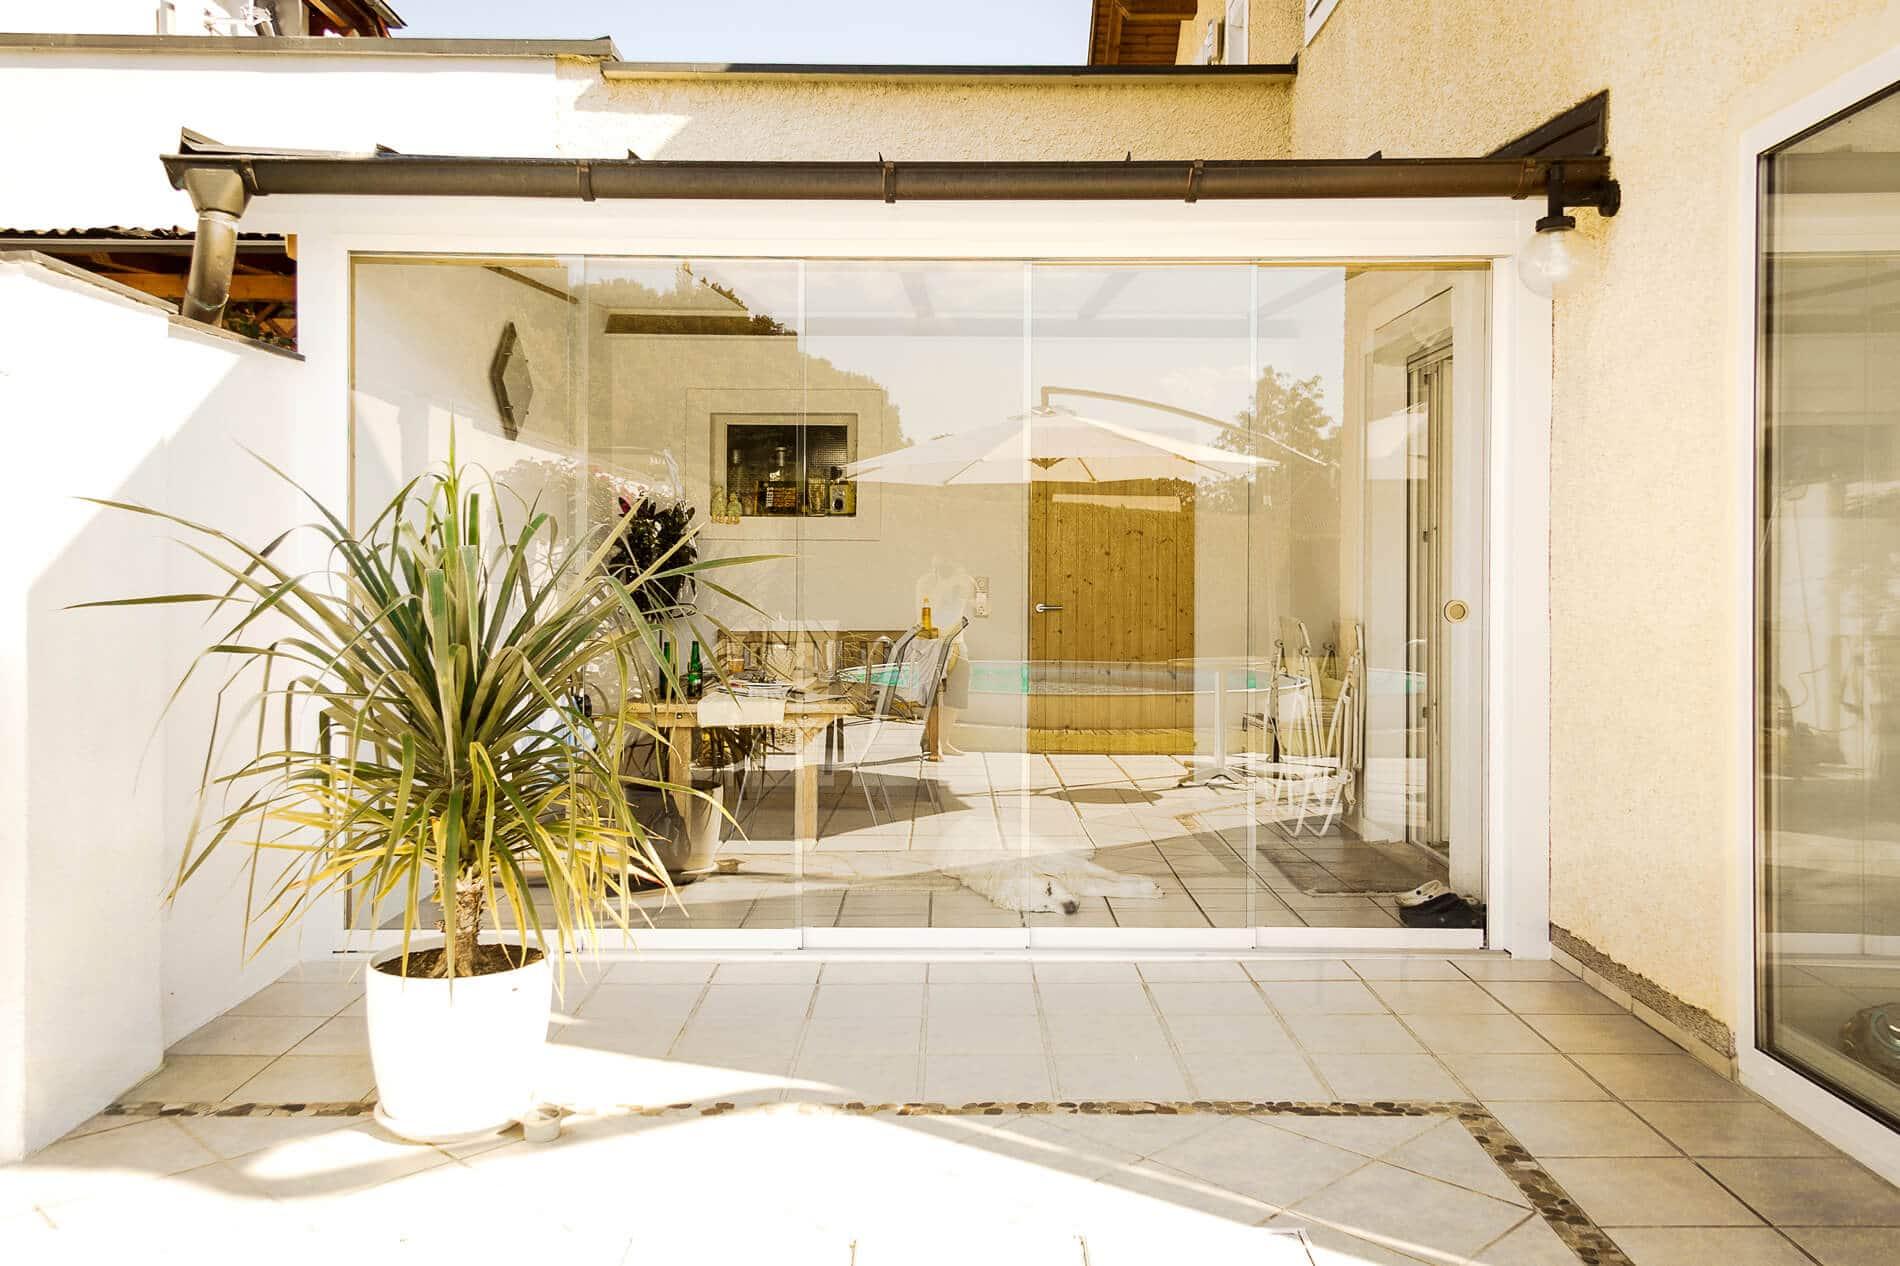 Schiebeverglasungen für Terrassen